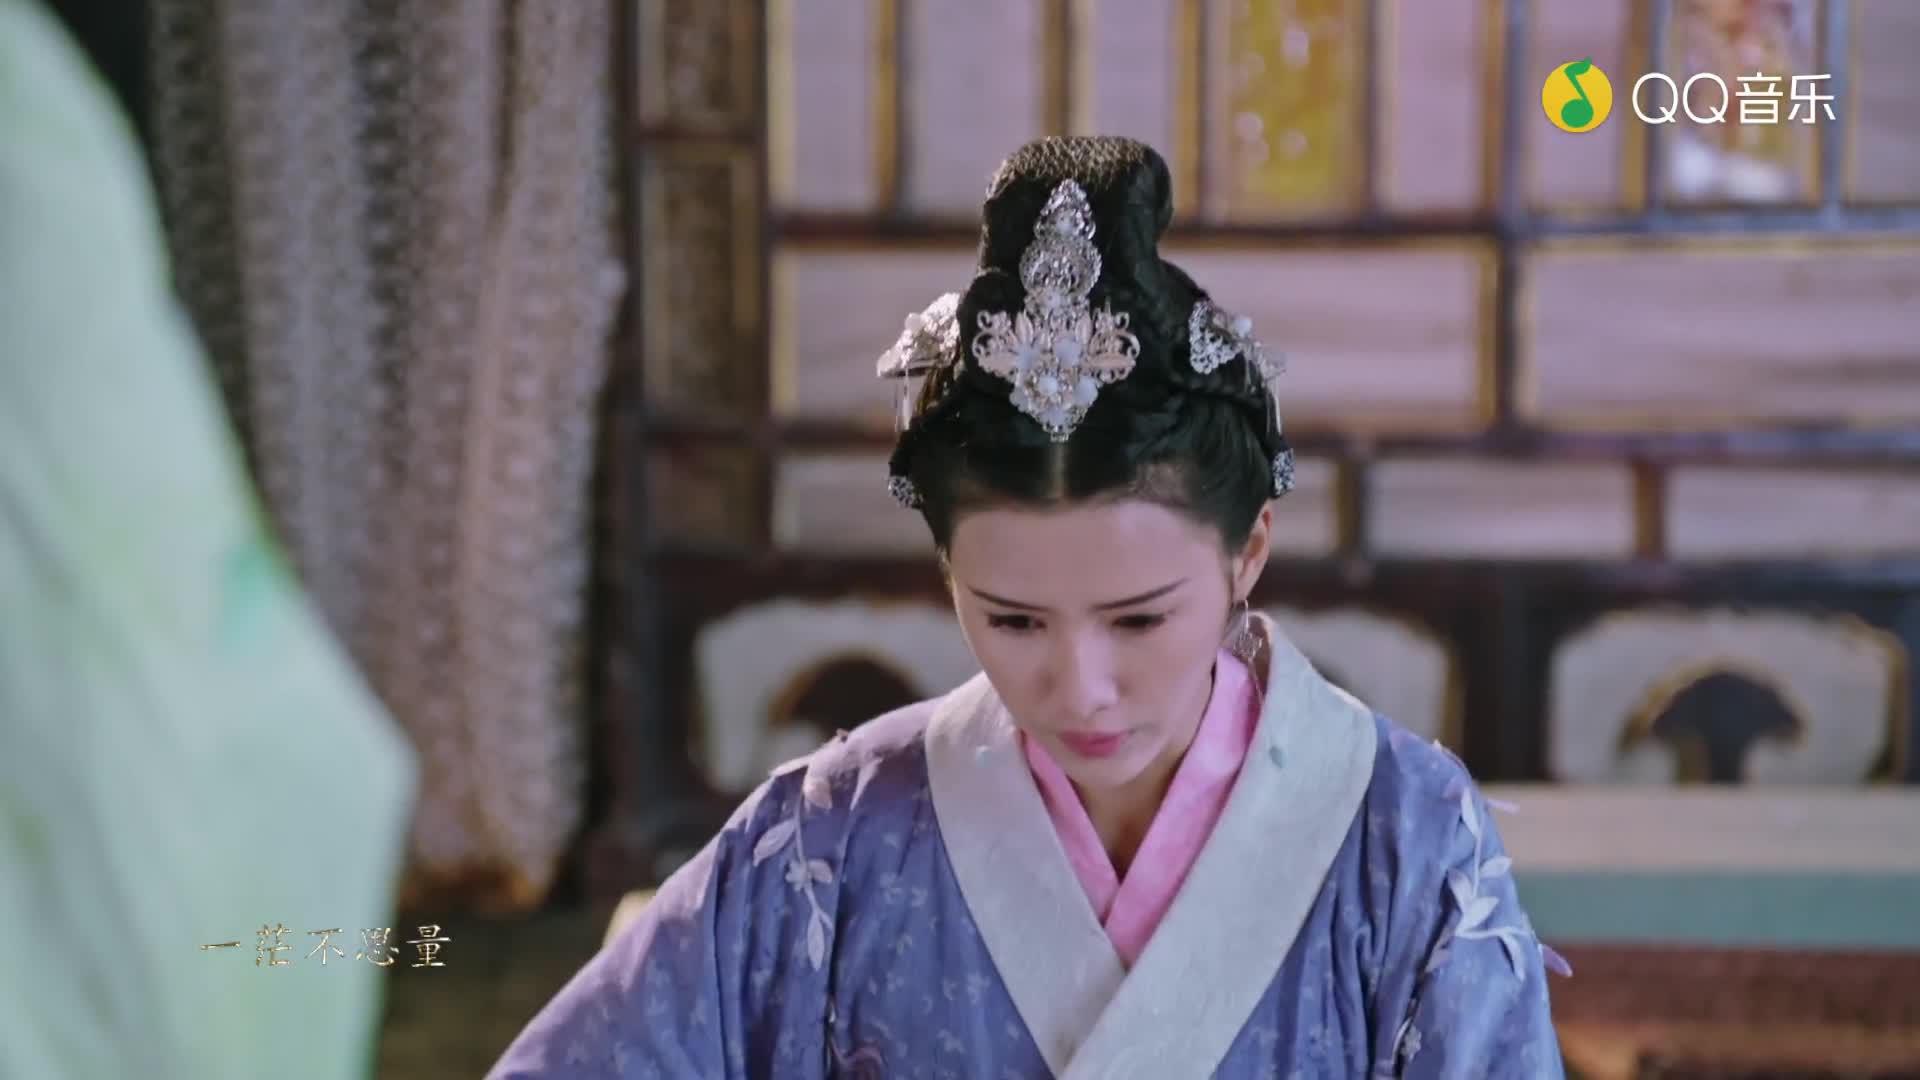 #经典音乐#陈思思《两茫》(《齐丑无艳》电视剧主题曲)(蓝光)